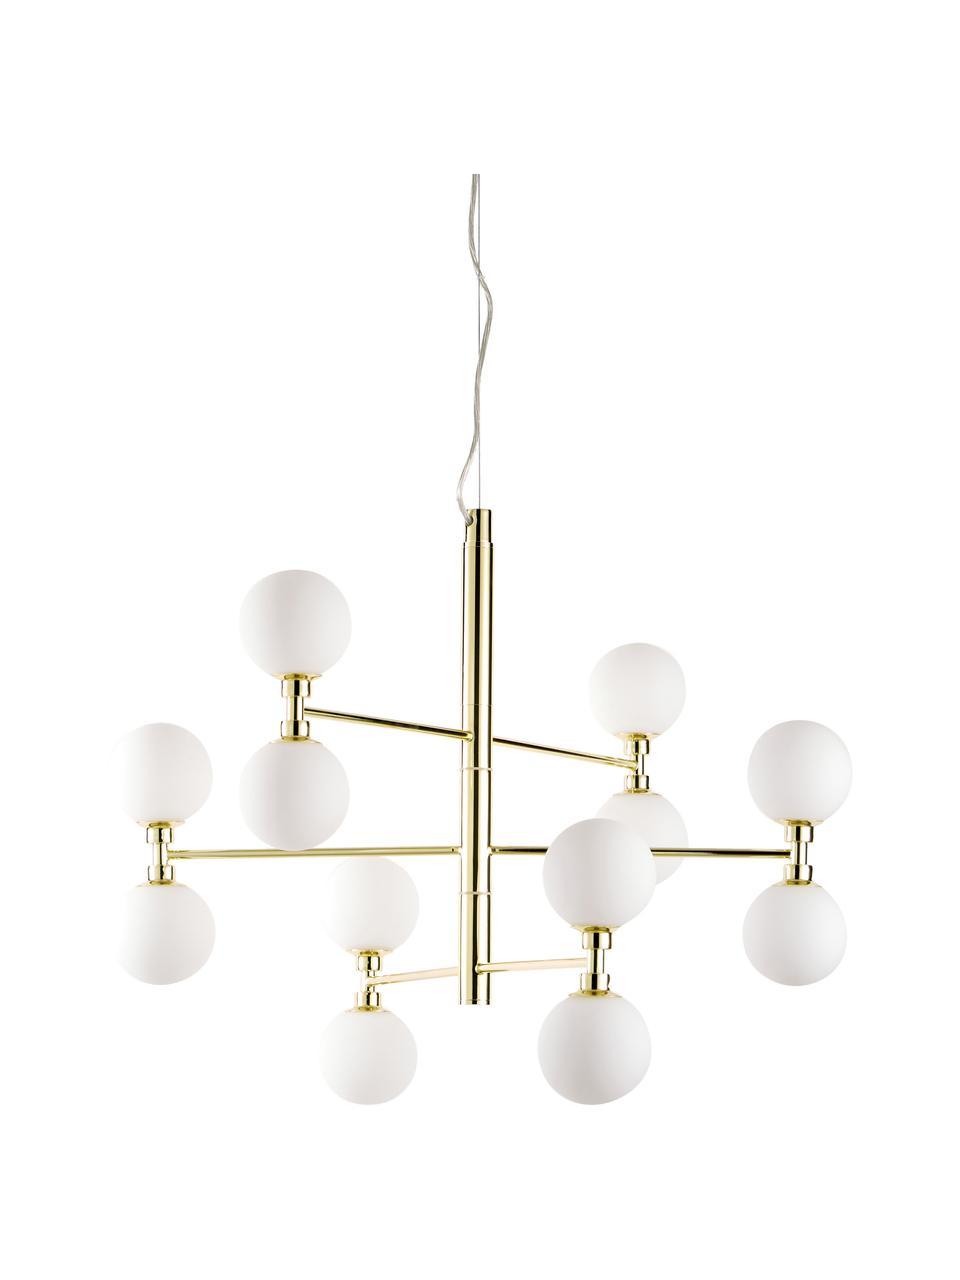 Duża lampa wisząca Grover, Odcienie złotego, Ø 70 x W 56 cm